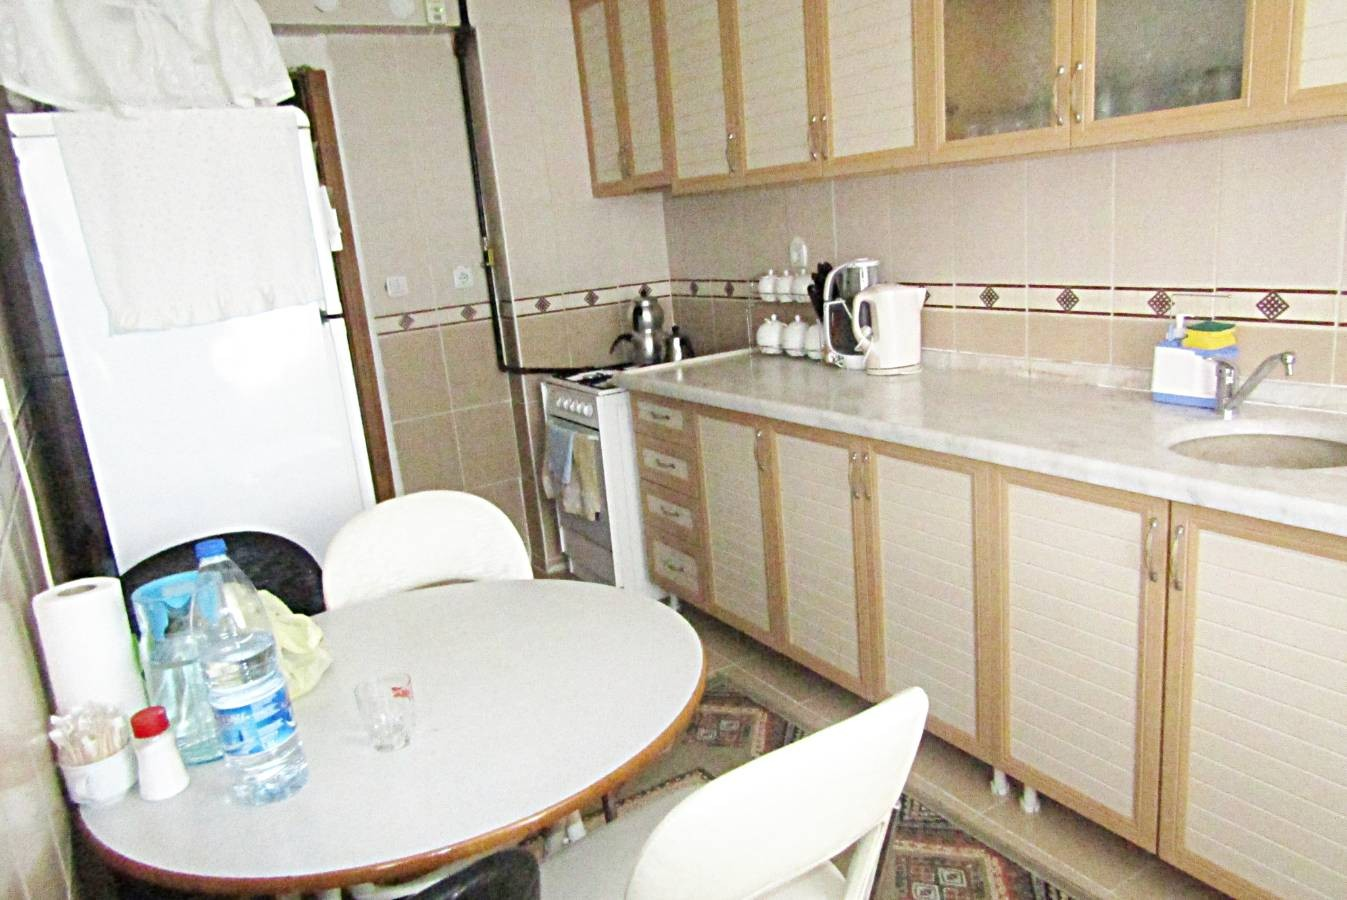 SR EMLAK'TAN TOPÇU MAH'DE 2+1 90 m² TRENE YAKIN BAĞIMSIZ  YAPILI DAİRE